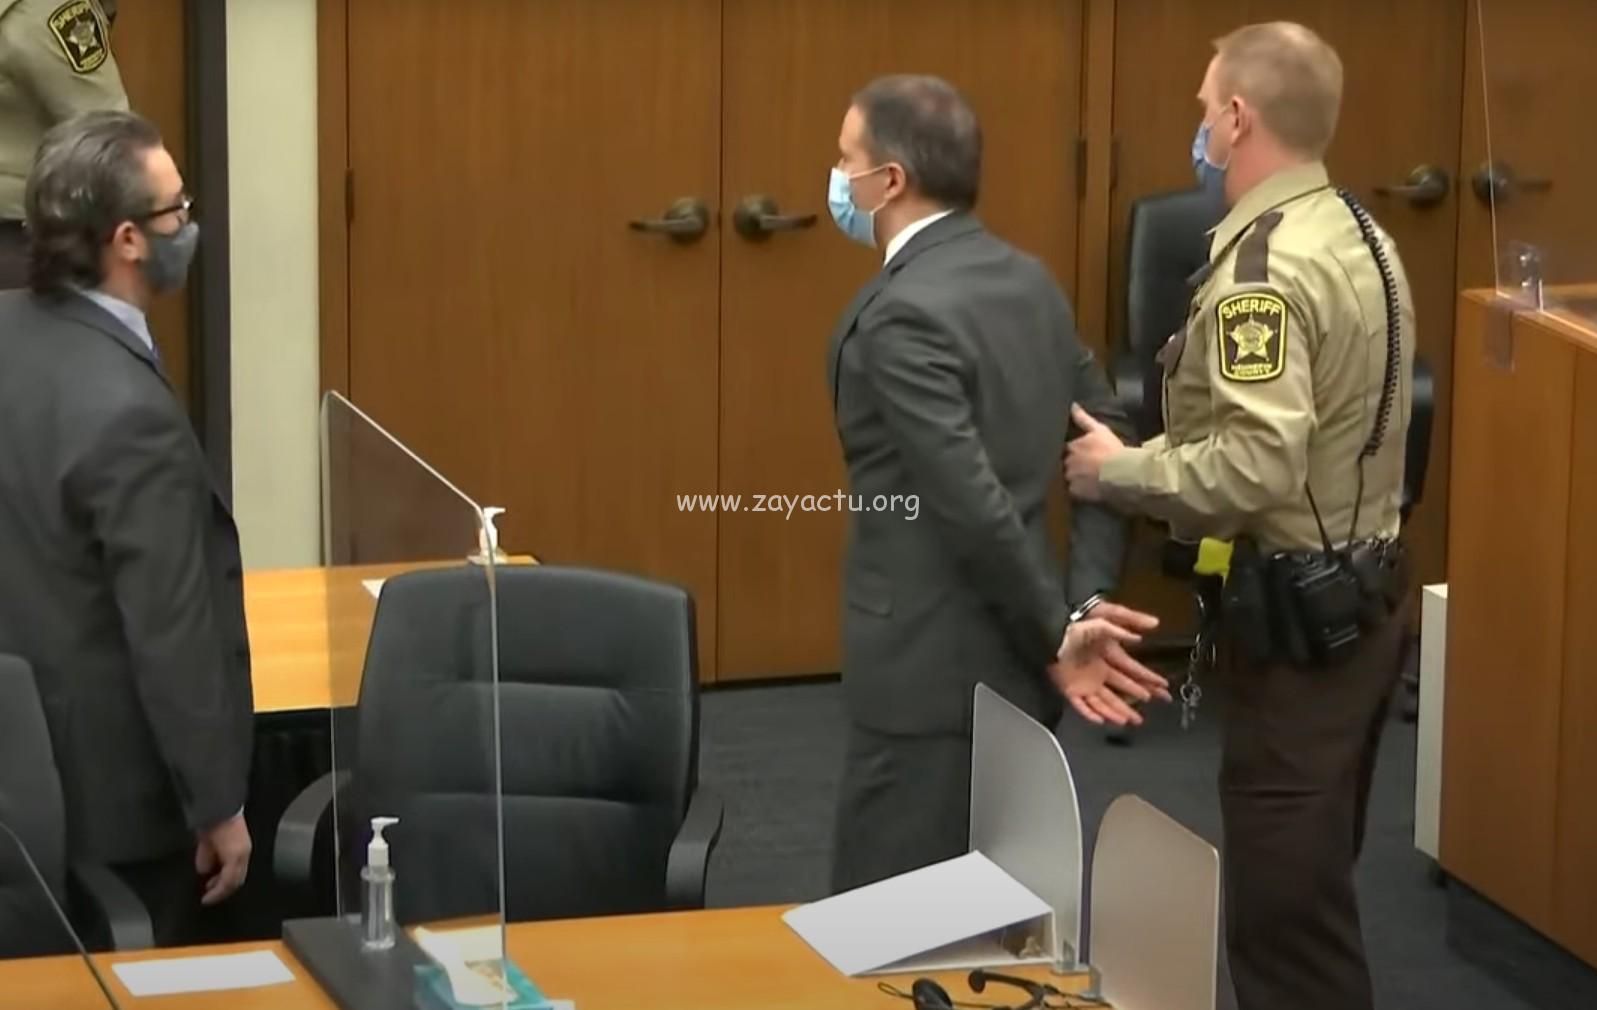 Décès de George Floyd : Derek Chauvin déclaré coupable de tous les chefs d'accusation